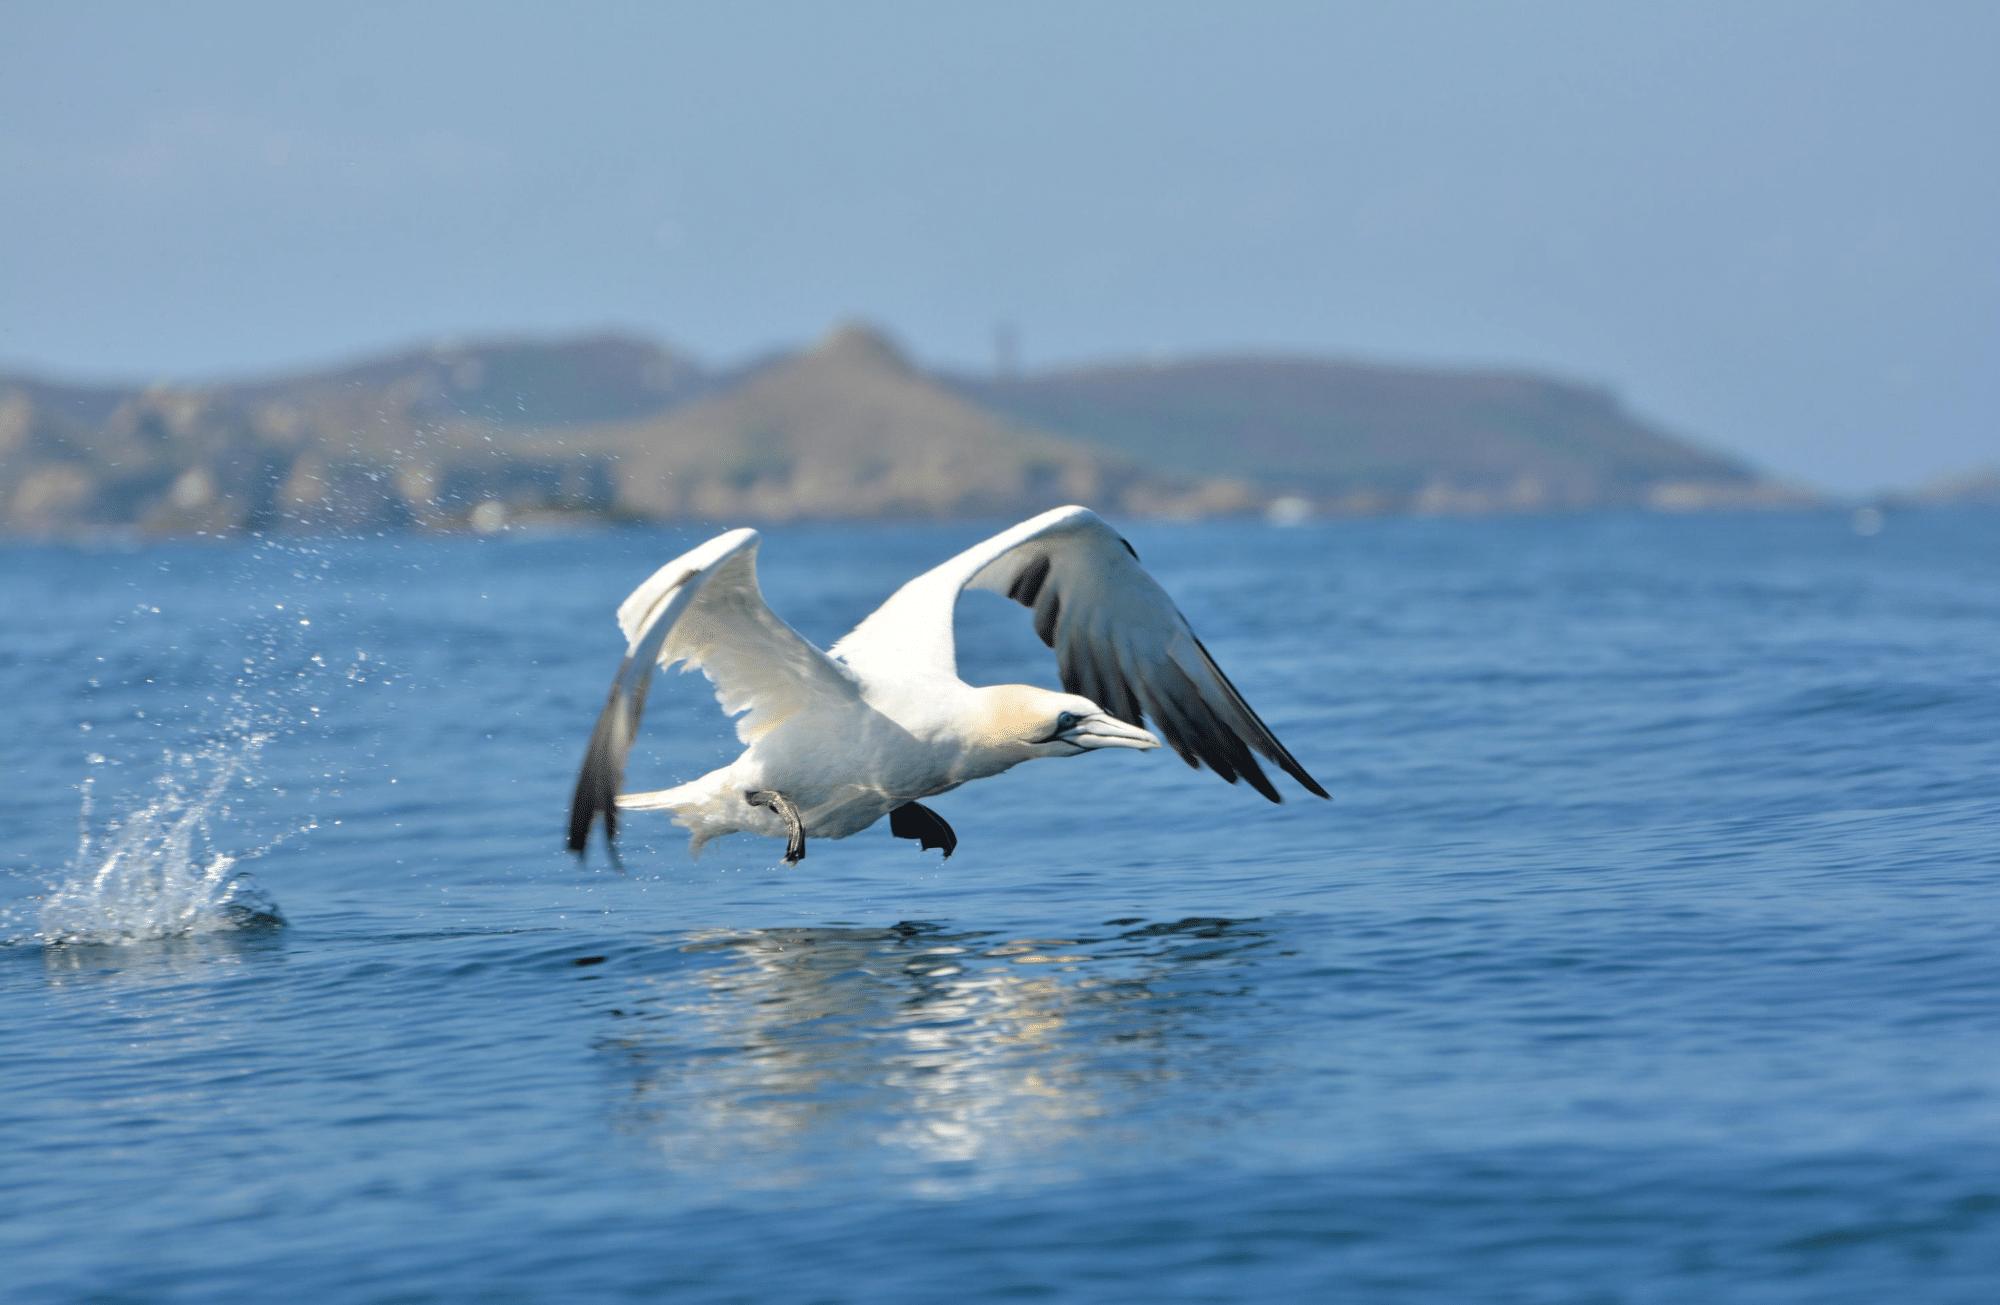 Les 6 animaux marins que l'on peut observer sur les côtes bretonnes